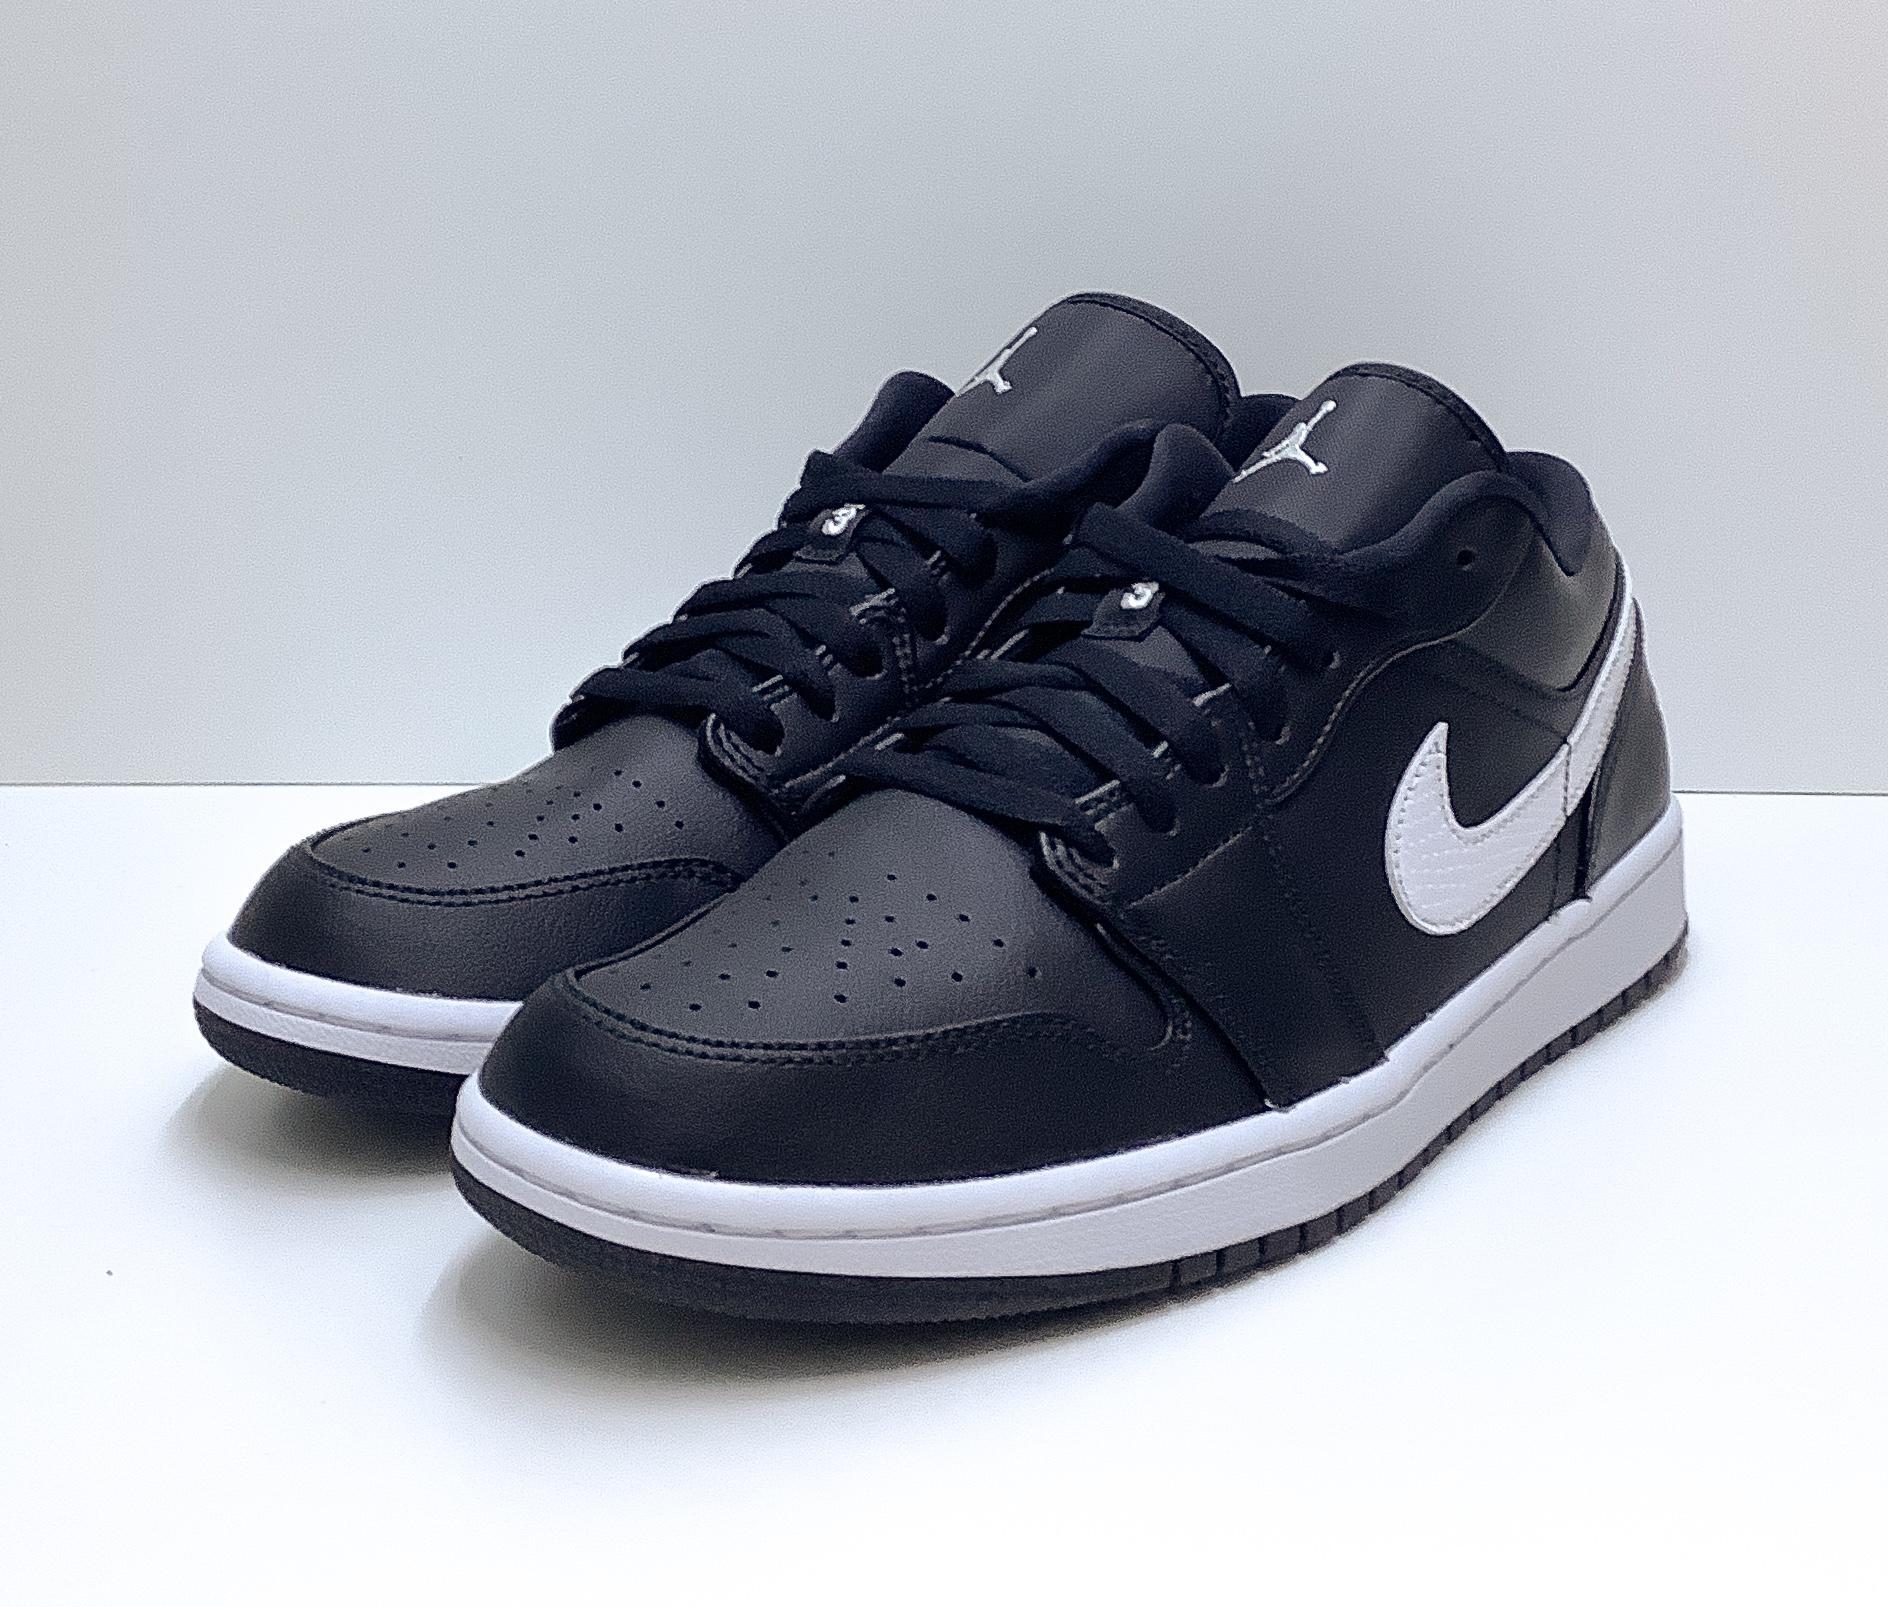 Jordan 1 Low Black White (W)